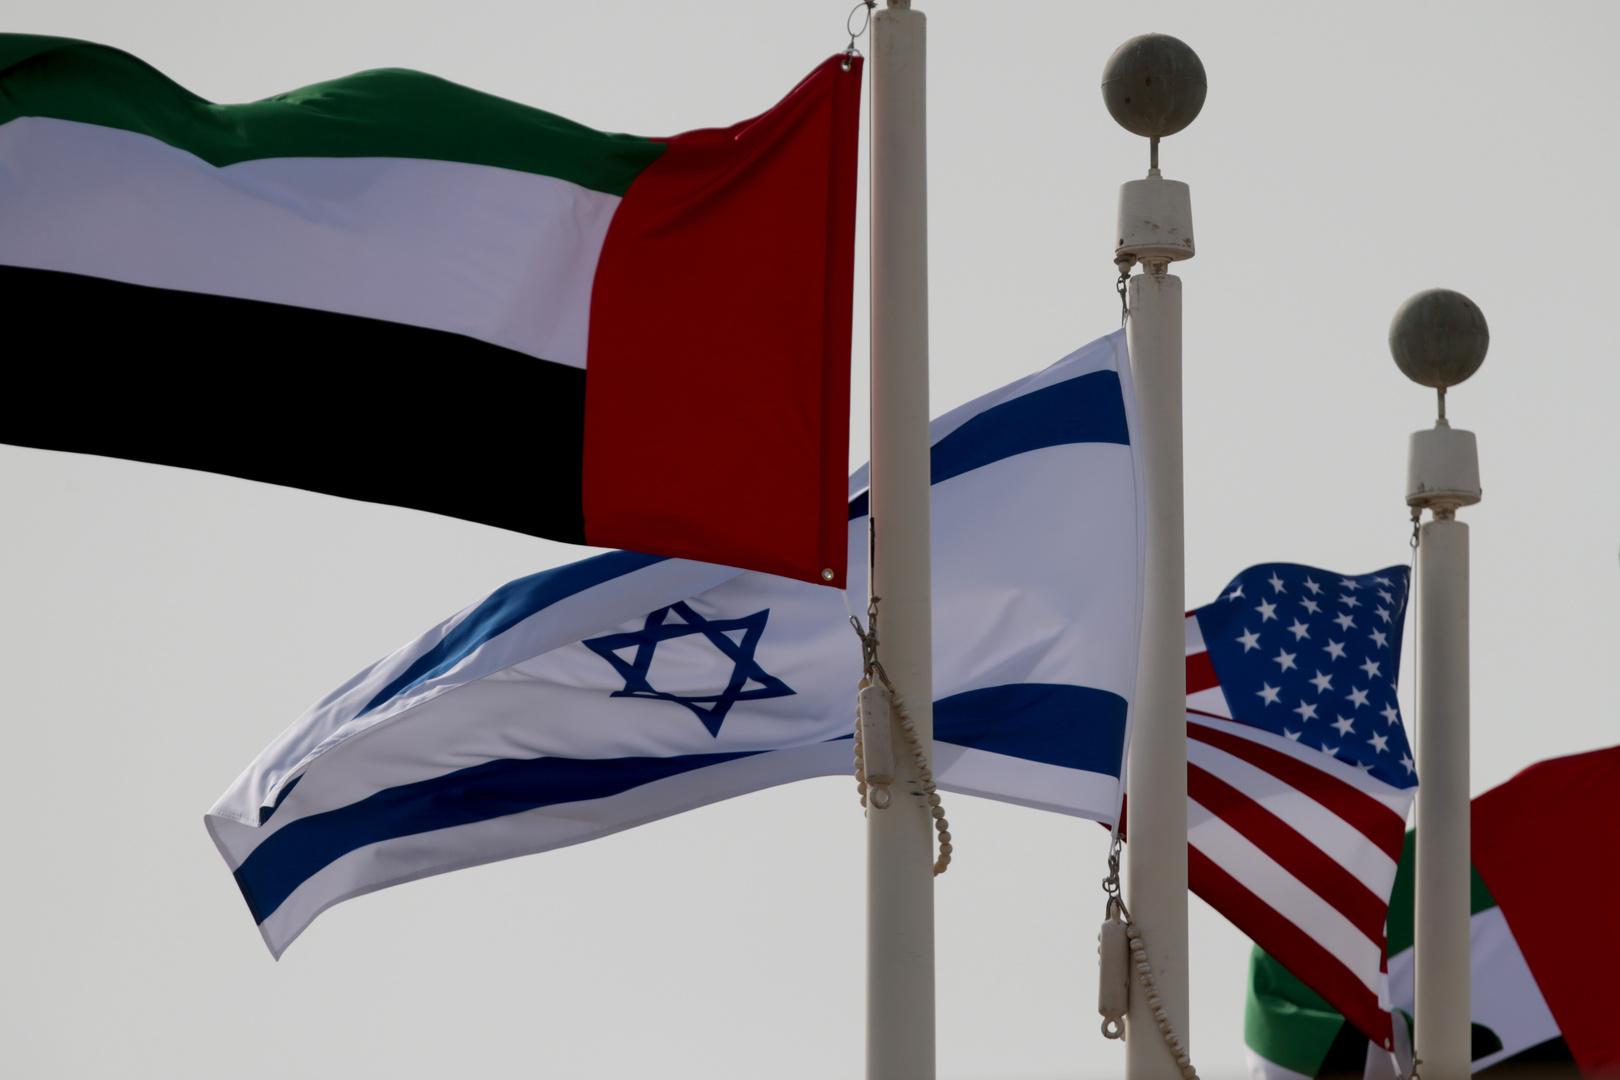 أصوات عربية في الكنيست: من يطبع مع إسرائيل لا يمكن أن يكون مع الشعب الفلسطيني